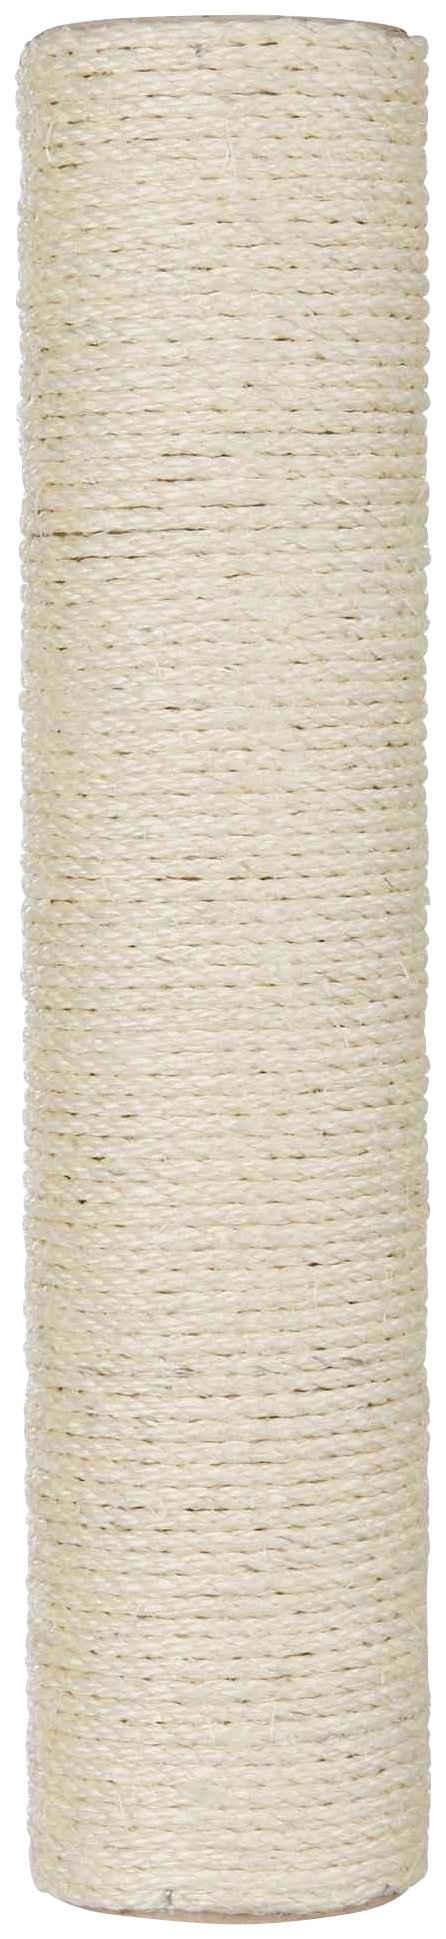 TRIXIE Kratzbaum »Sisal«, Ersatzstamm, BxTxH: 11x11x50 cm